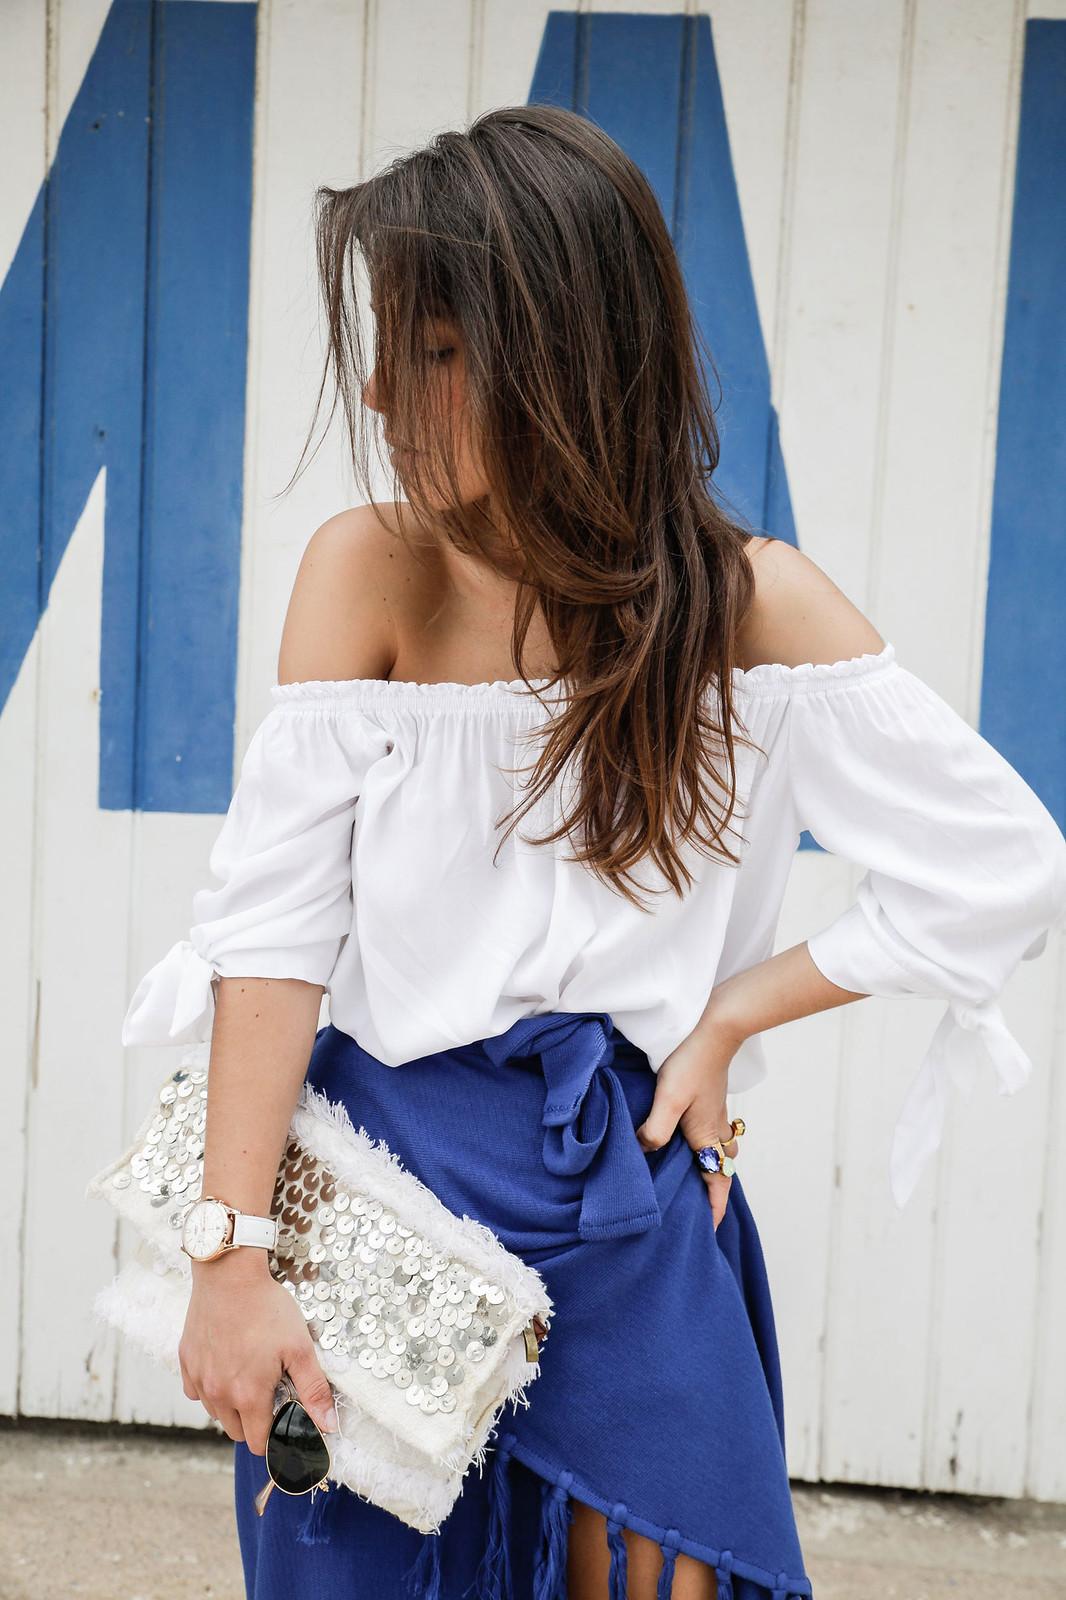 09_Falda_Azul_boho_look_marinero_theguestgirl_influencer_barcelona_marca_portugal_ruga